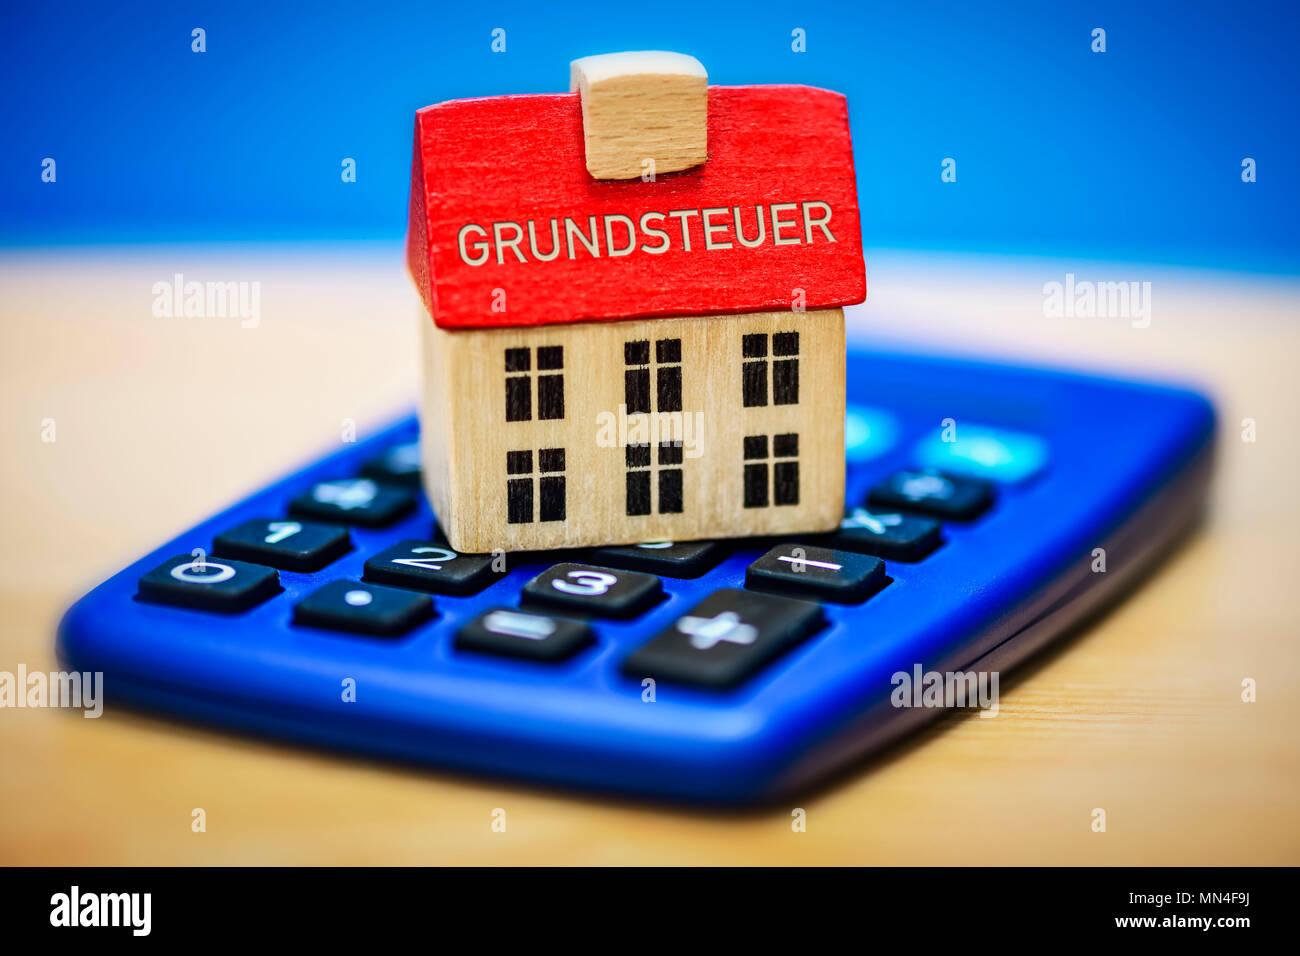 Haus auf einem Rechner, Grundsteuer, Haus auf einem Taschenrechner, Grundsteuer Stockbild